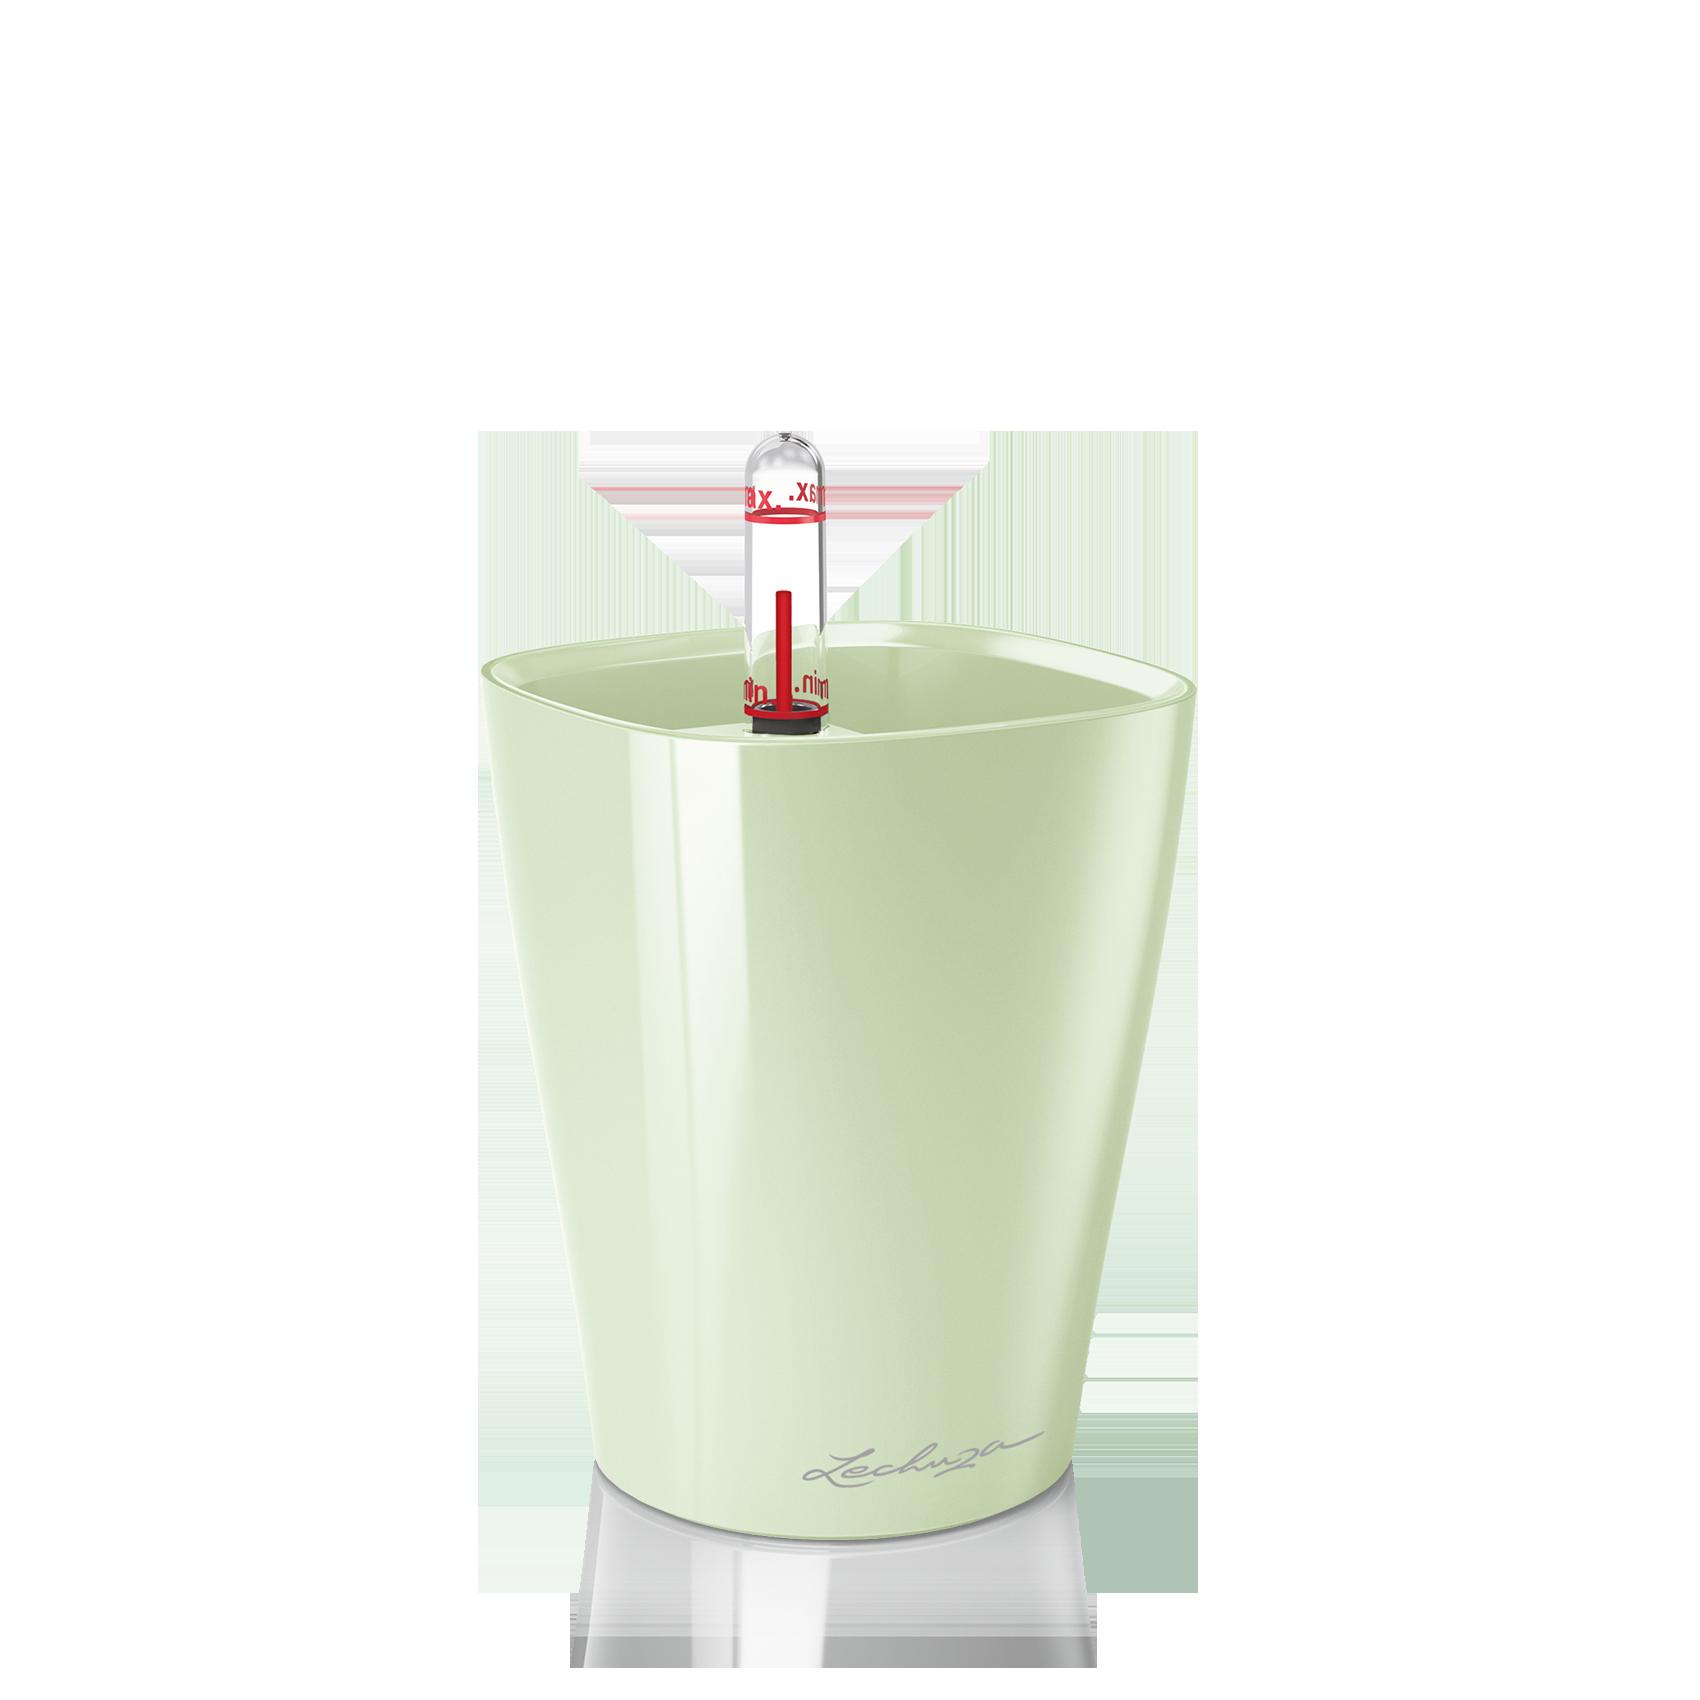 MINI-DELTINI mint green high-gloss